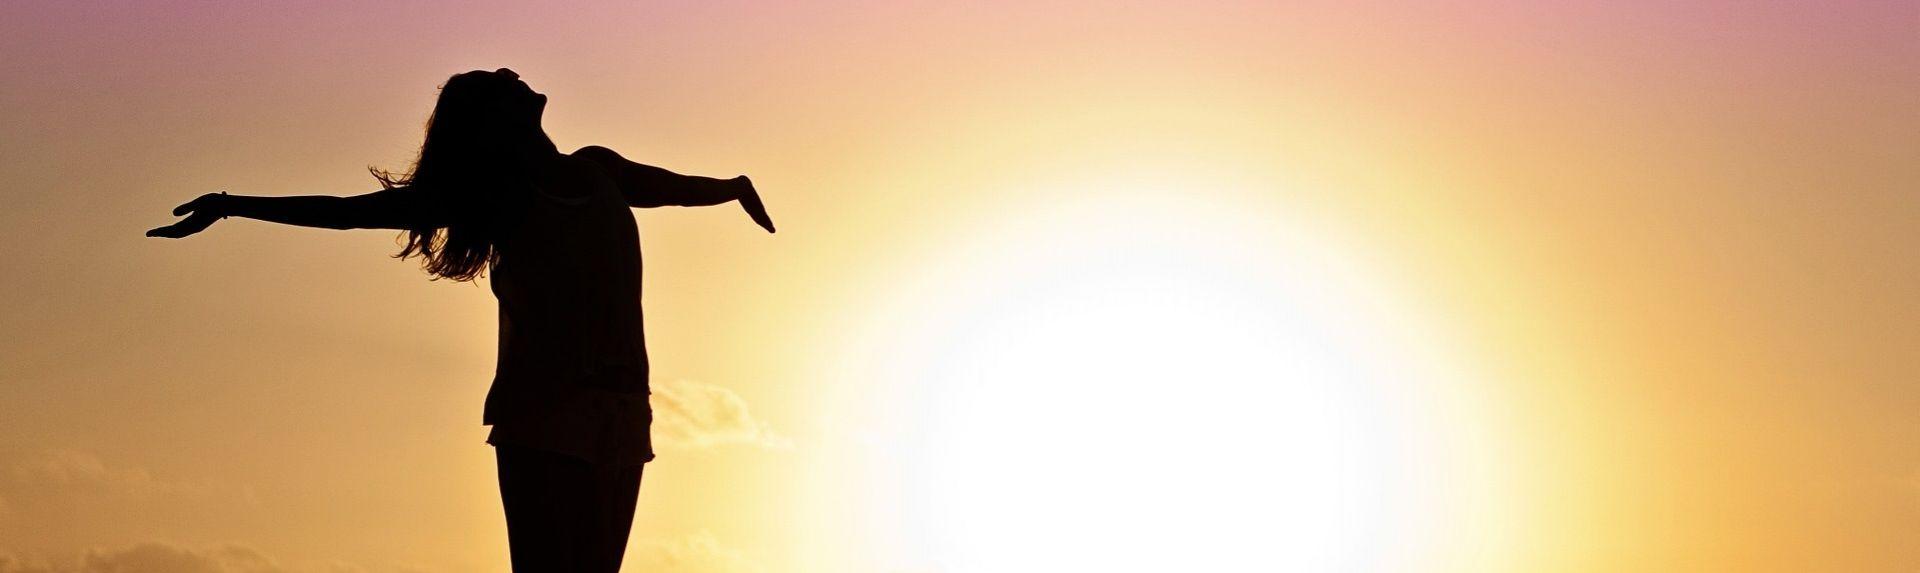 Дыхательная гимнастика бодифлекс: дышим и худеем